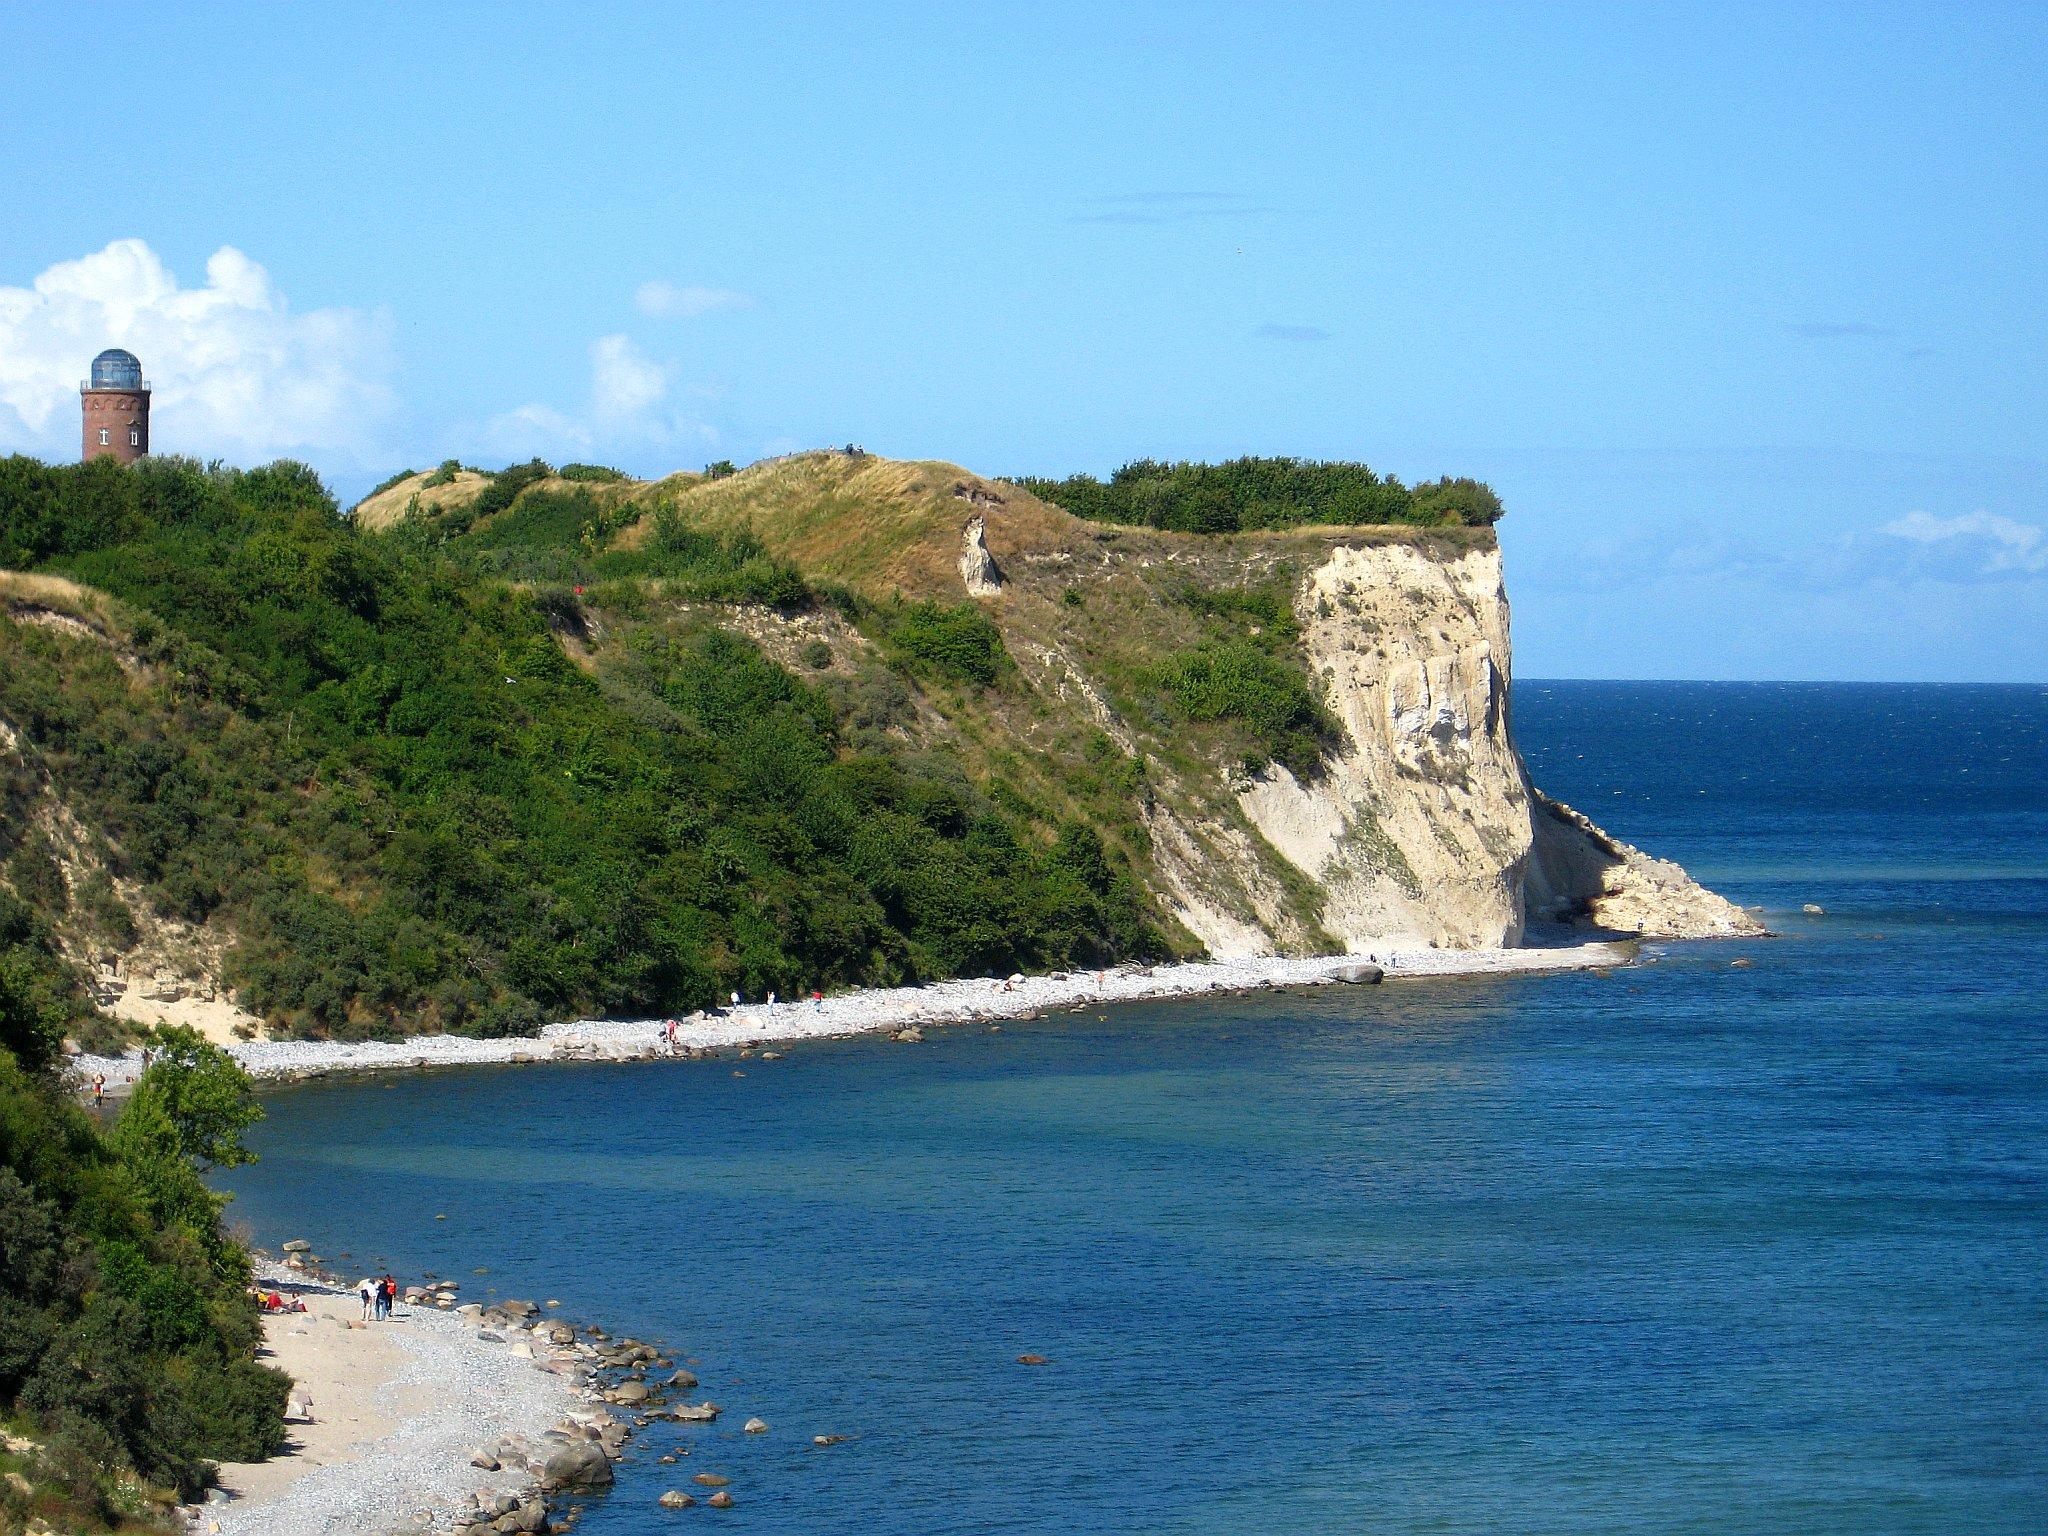 Blick auf die Steilküste des Kaps und den Burgwall der Jaromarsburg, dahinter befindet sich der Peilturm.